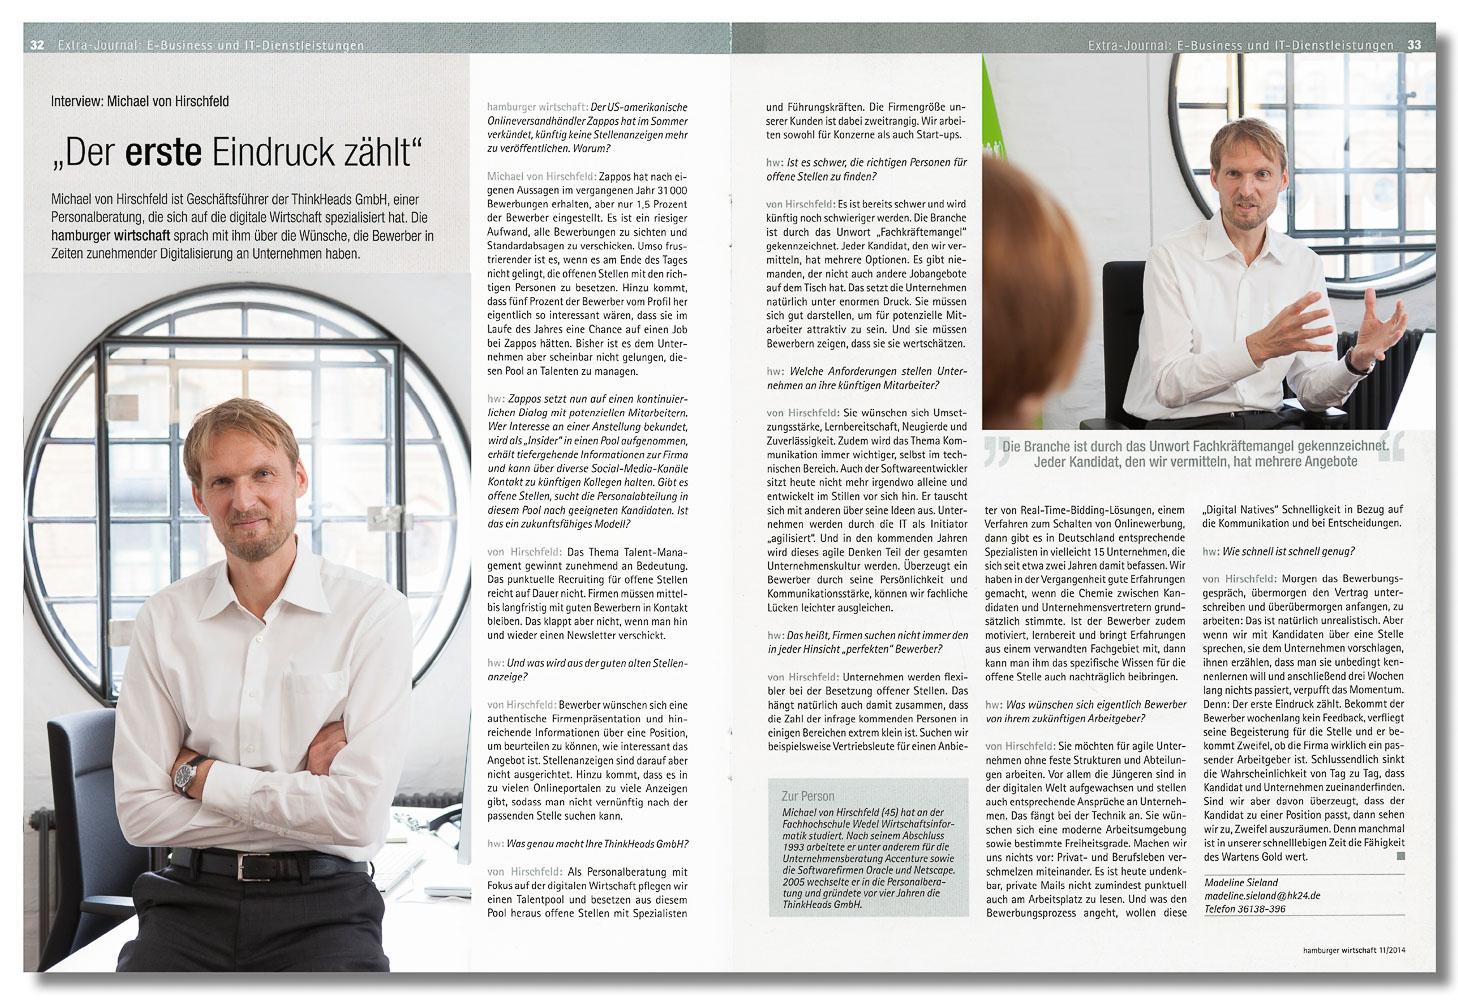 Michael von Hirschfeld, ThinkHeads GmbH, Hamburger Wirtschaft